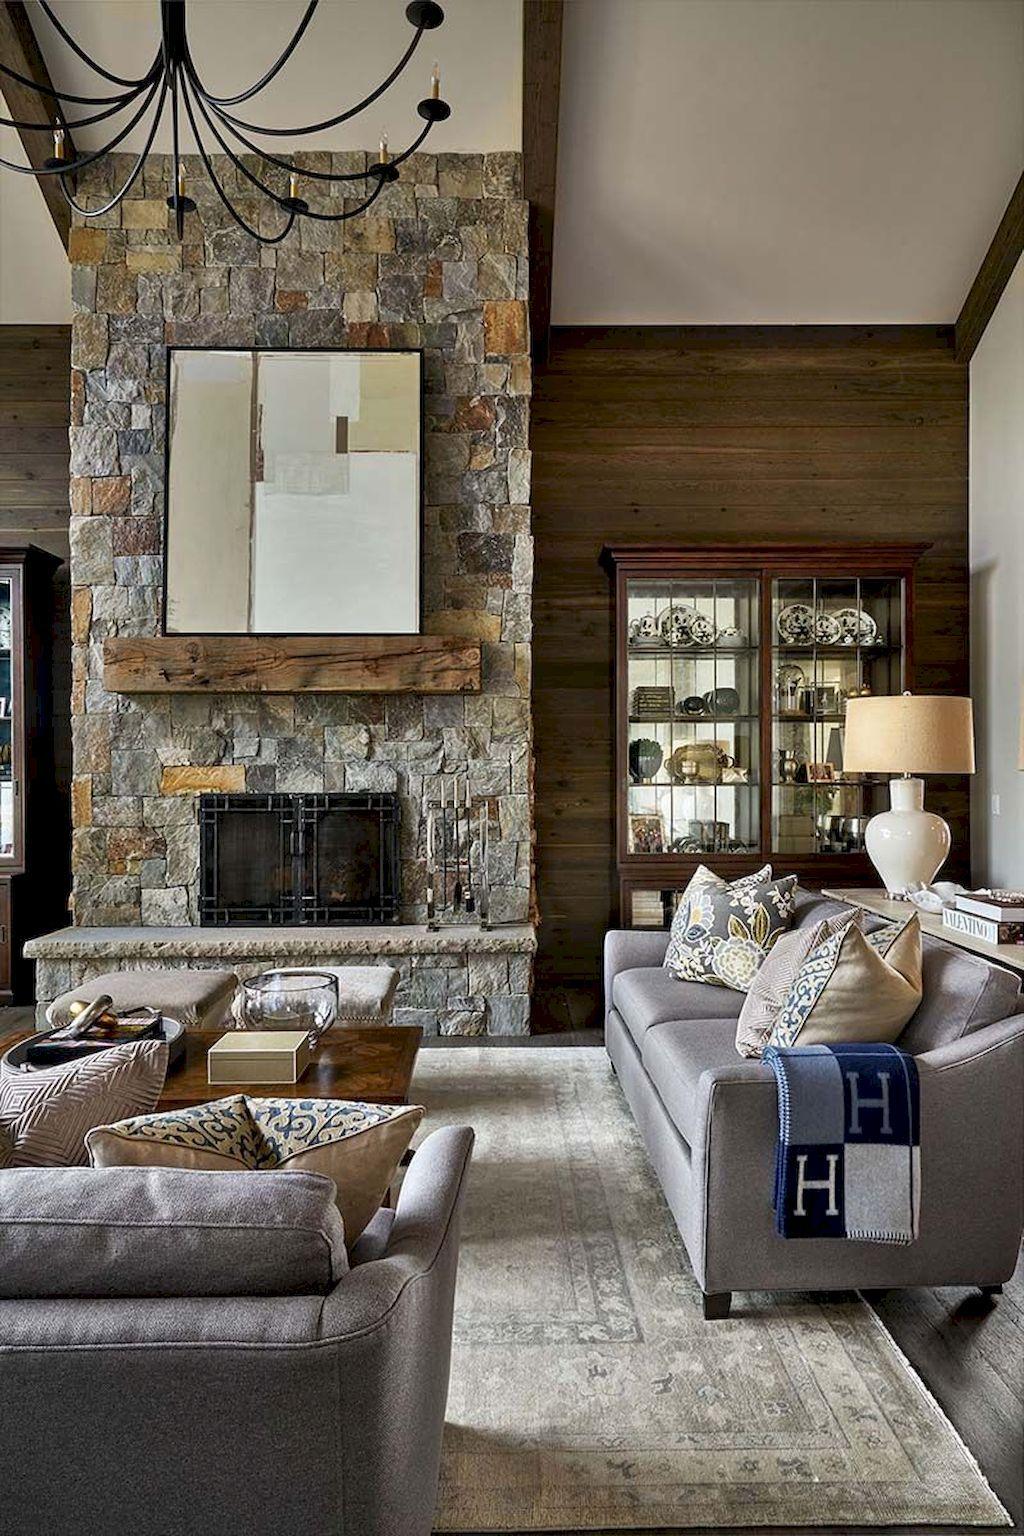 80 Contemporary Living Room Decoration Ideas Home To Z Modern Rustic Living Room Modern Rustic Furniture Rustic Contemporary Contemporary rustic living room